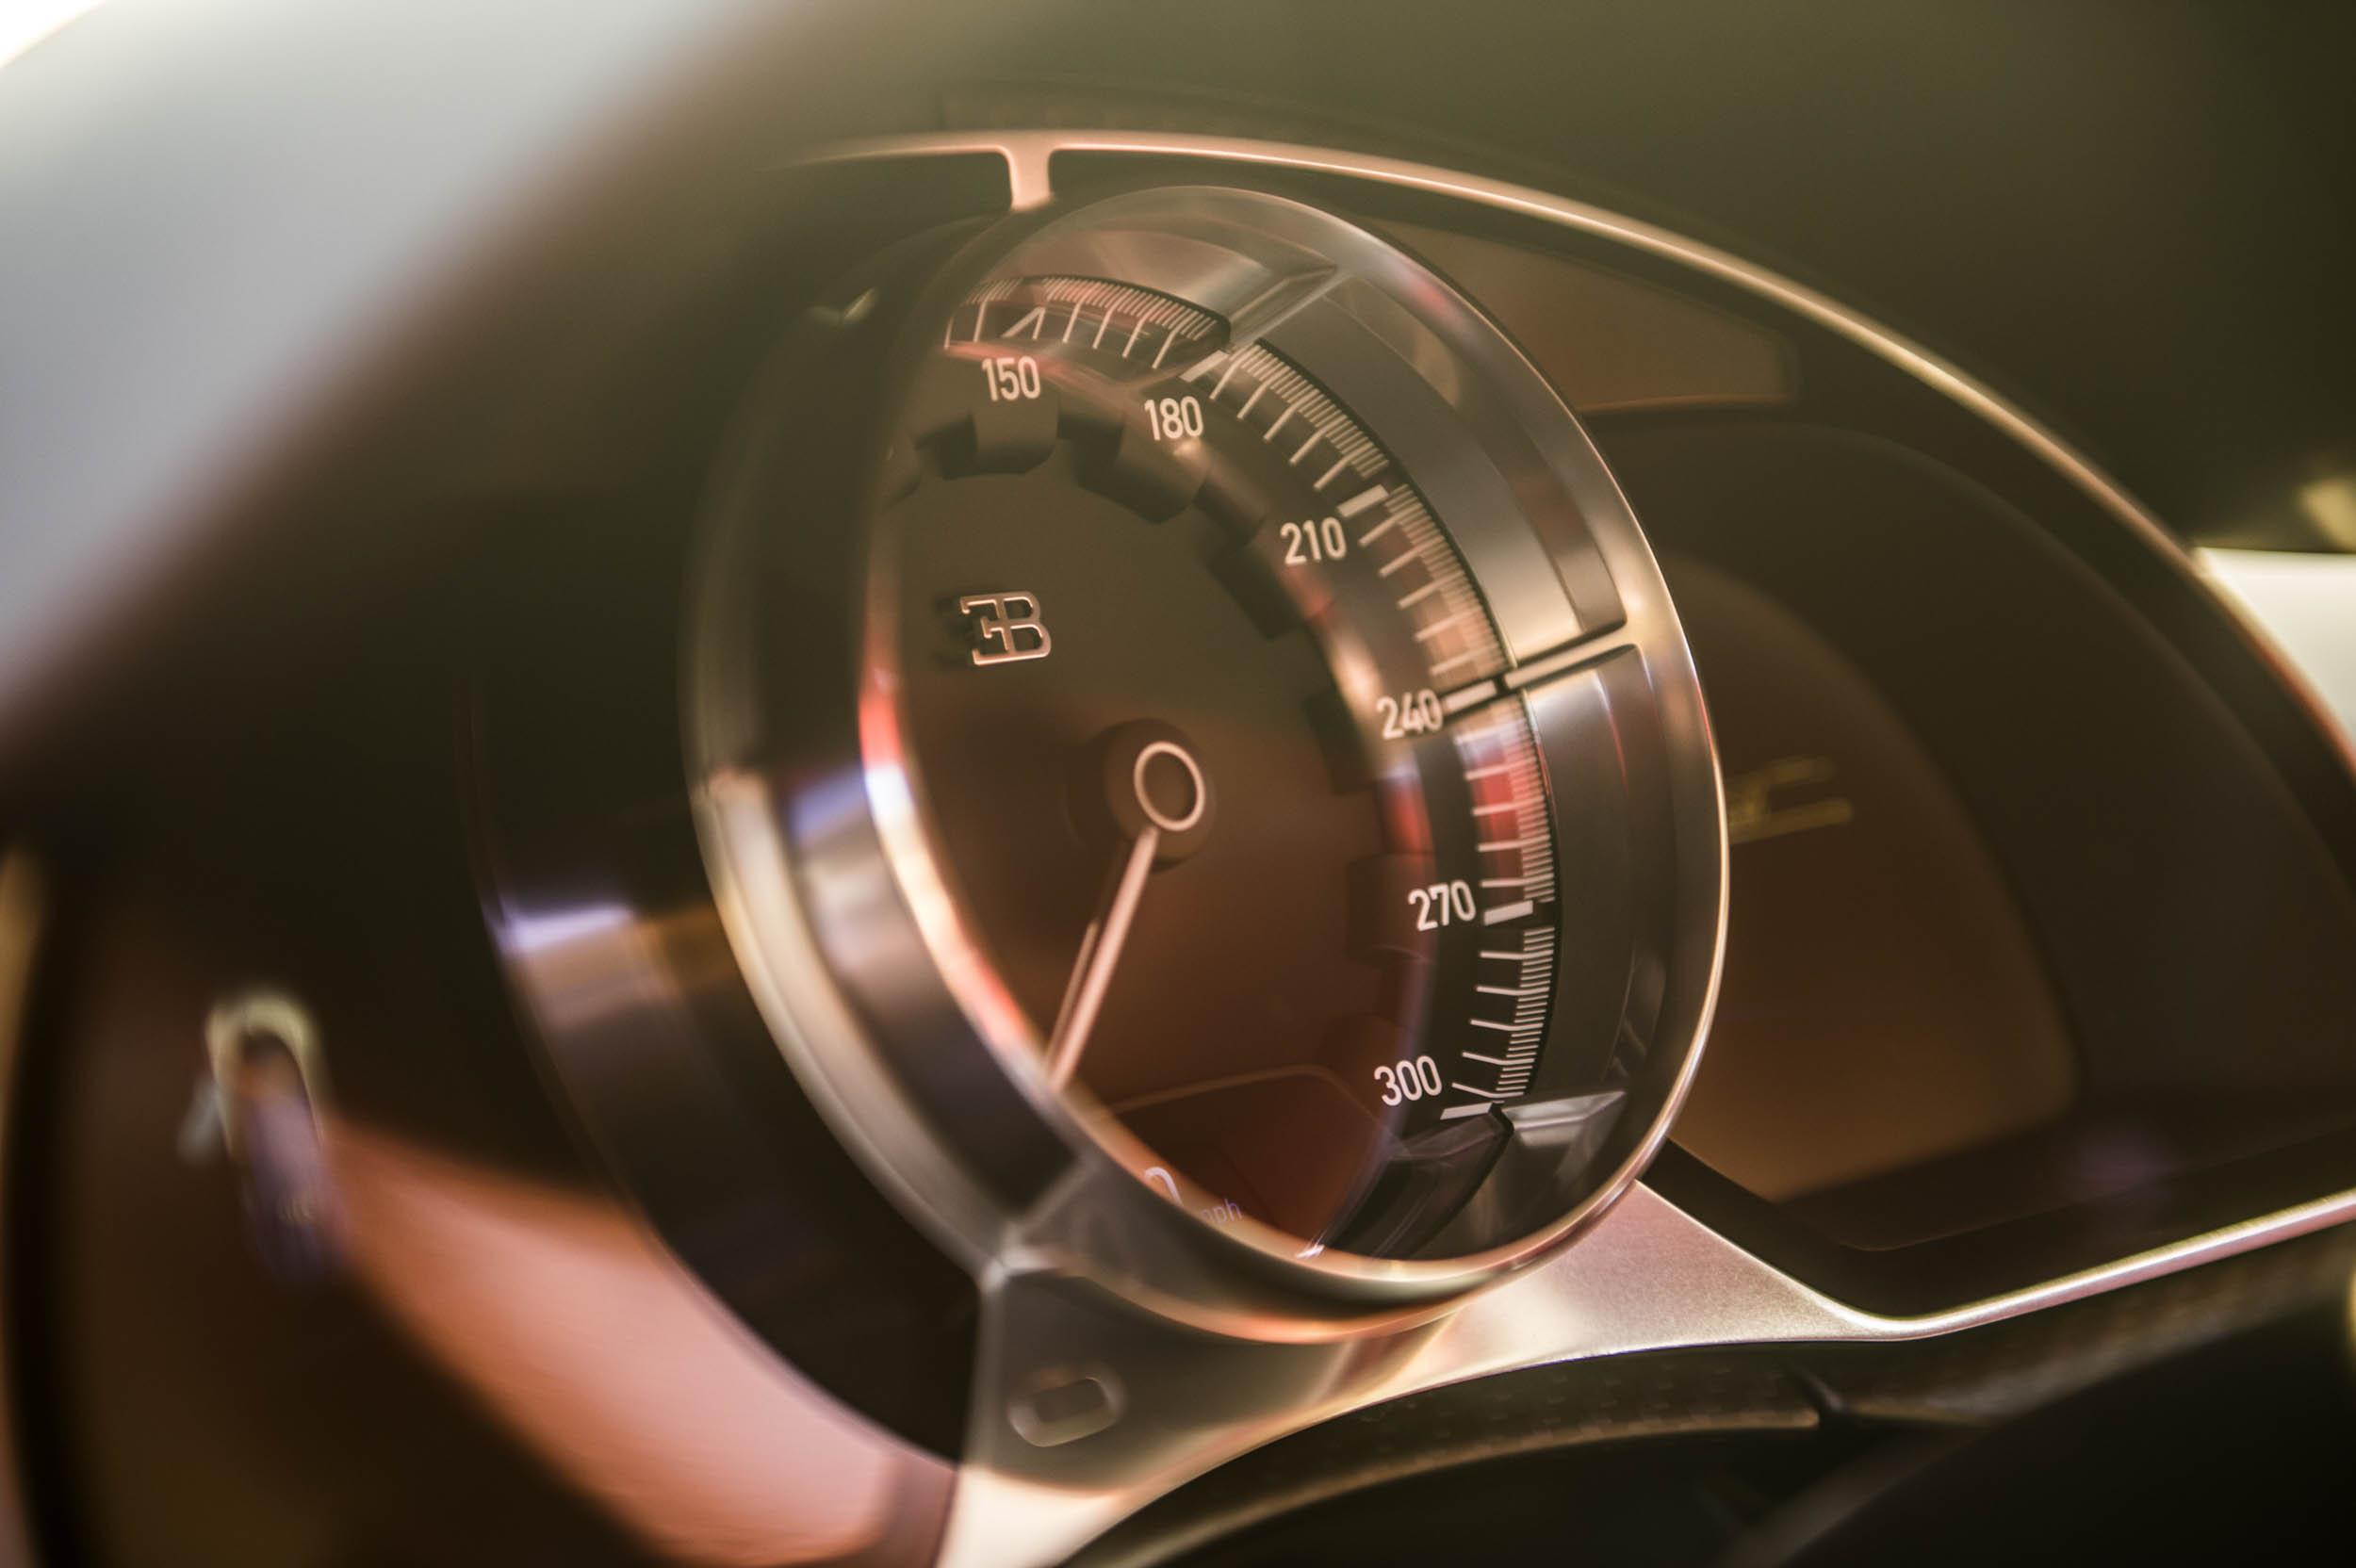 2018 Bugatti Chiron speedometer